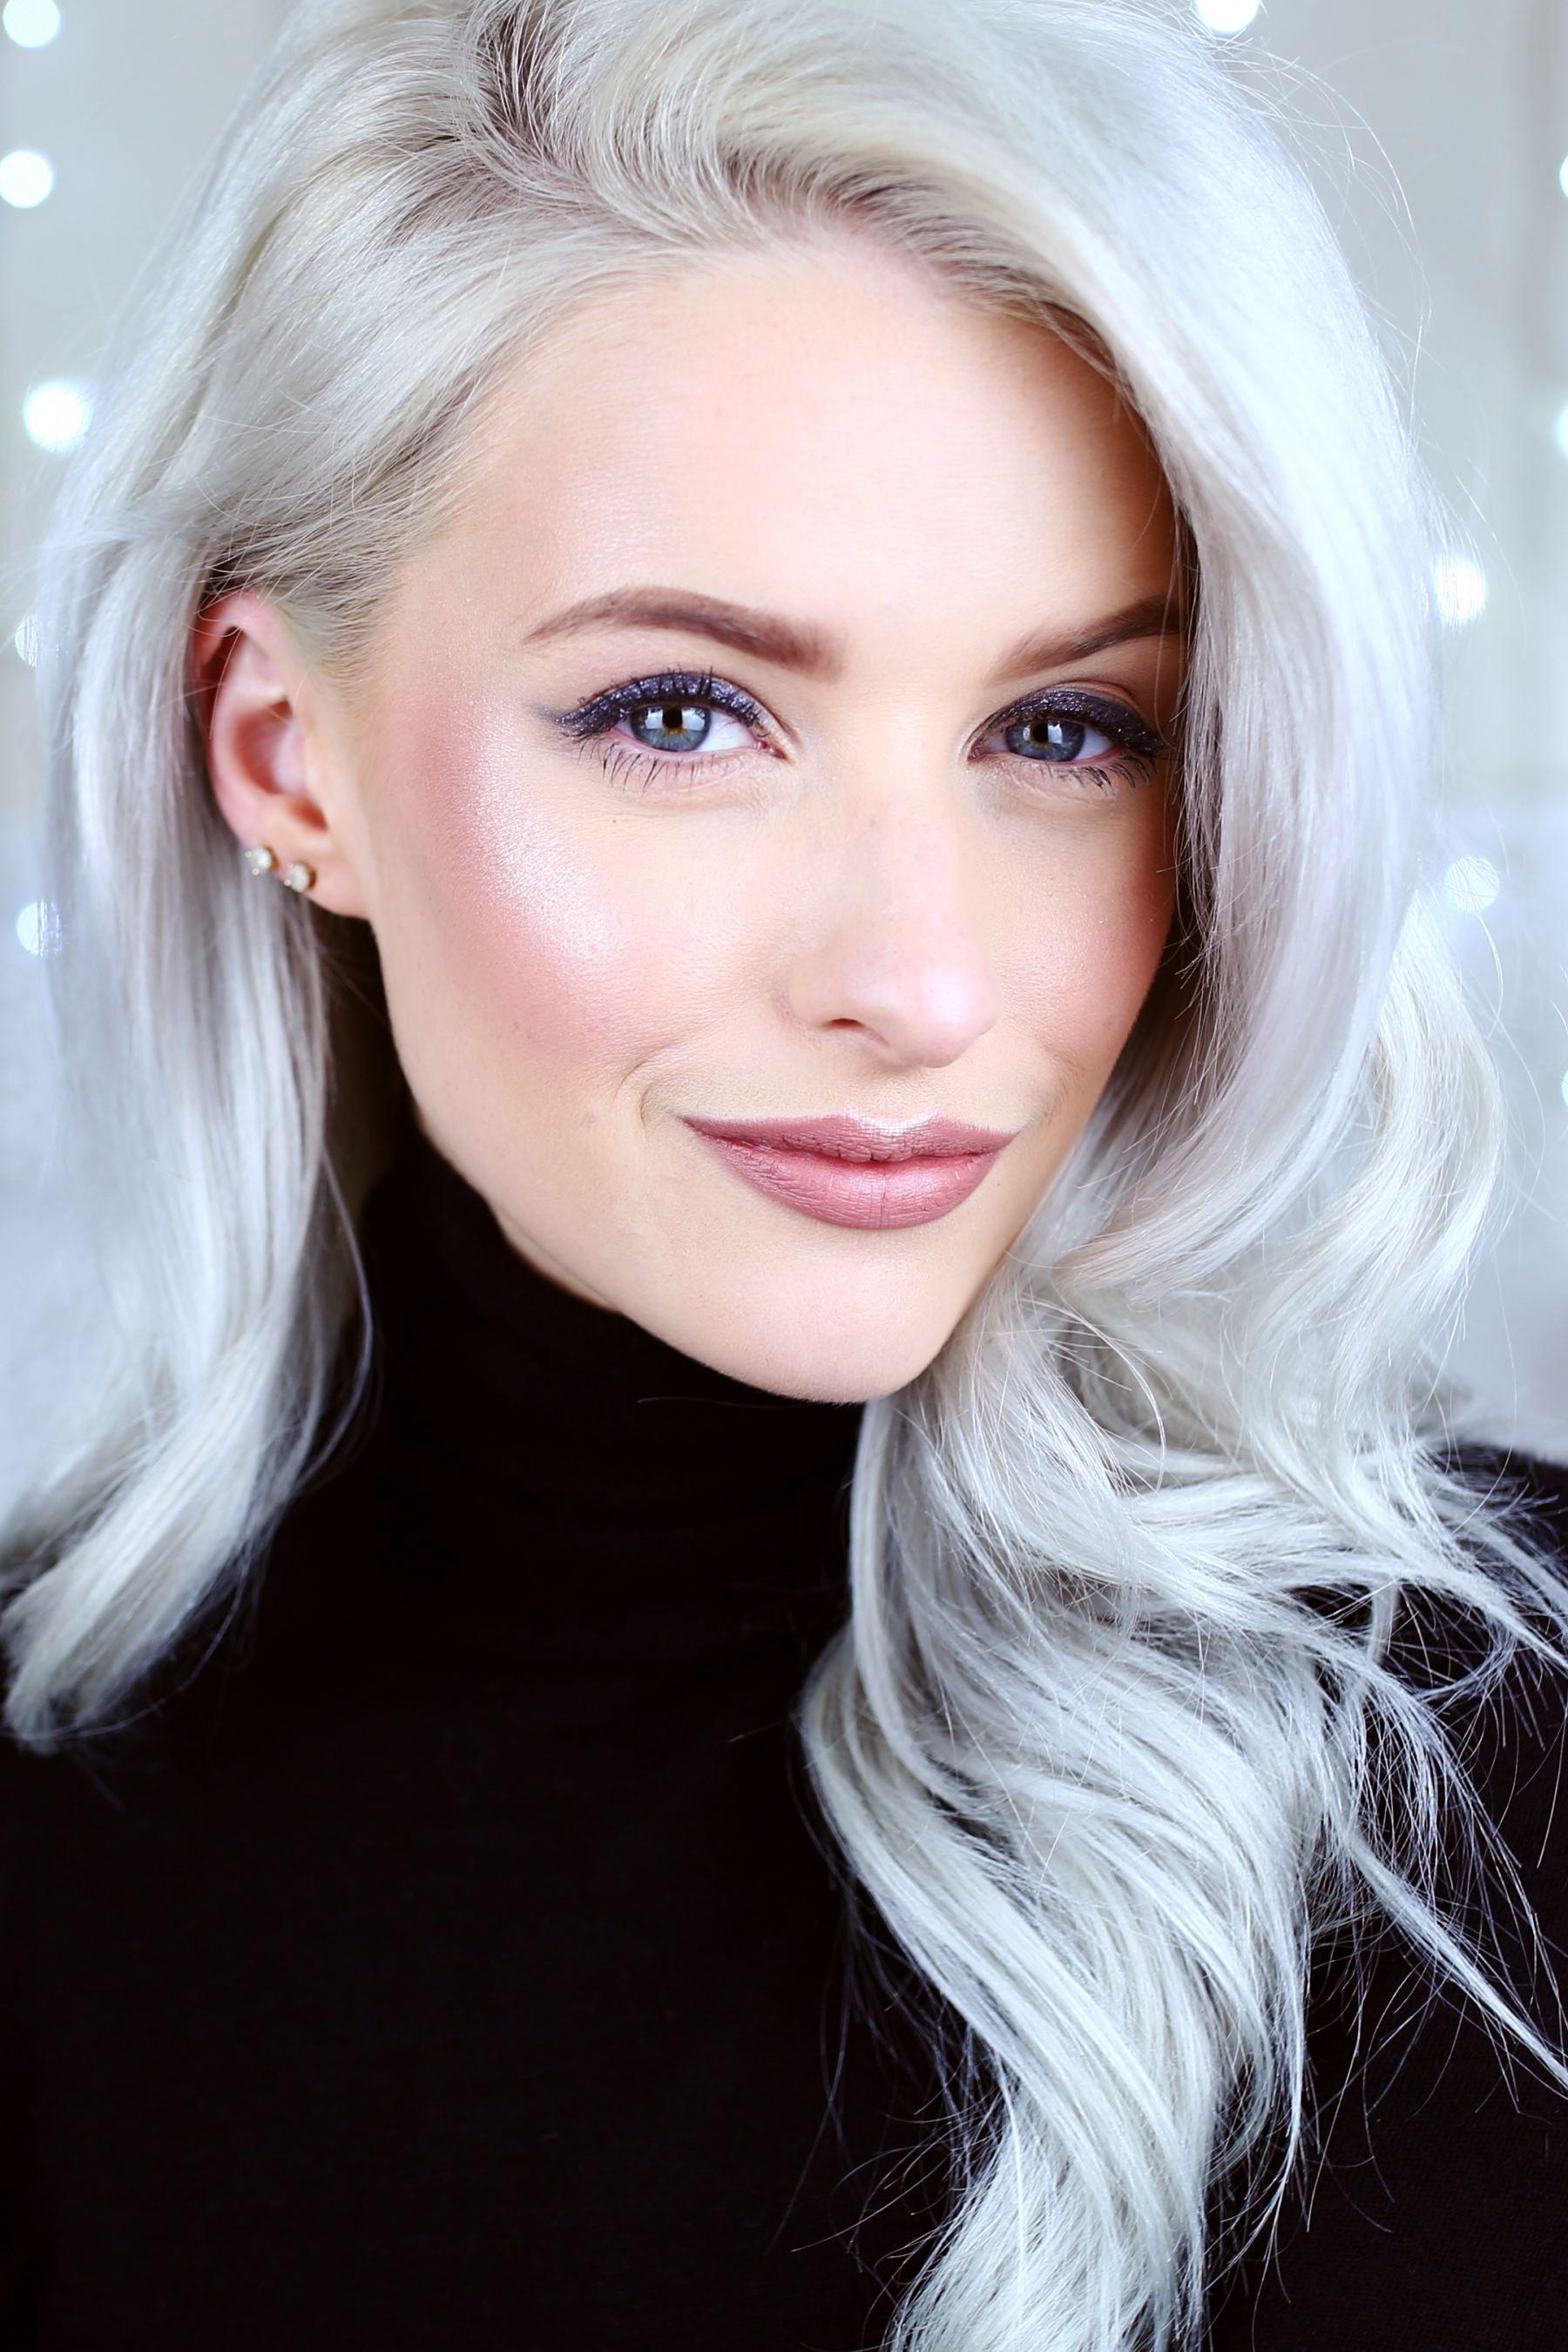 Estee Lauder x Victoria Beckham Inthefrow in 2020 Hair